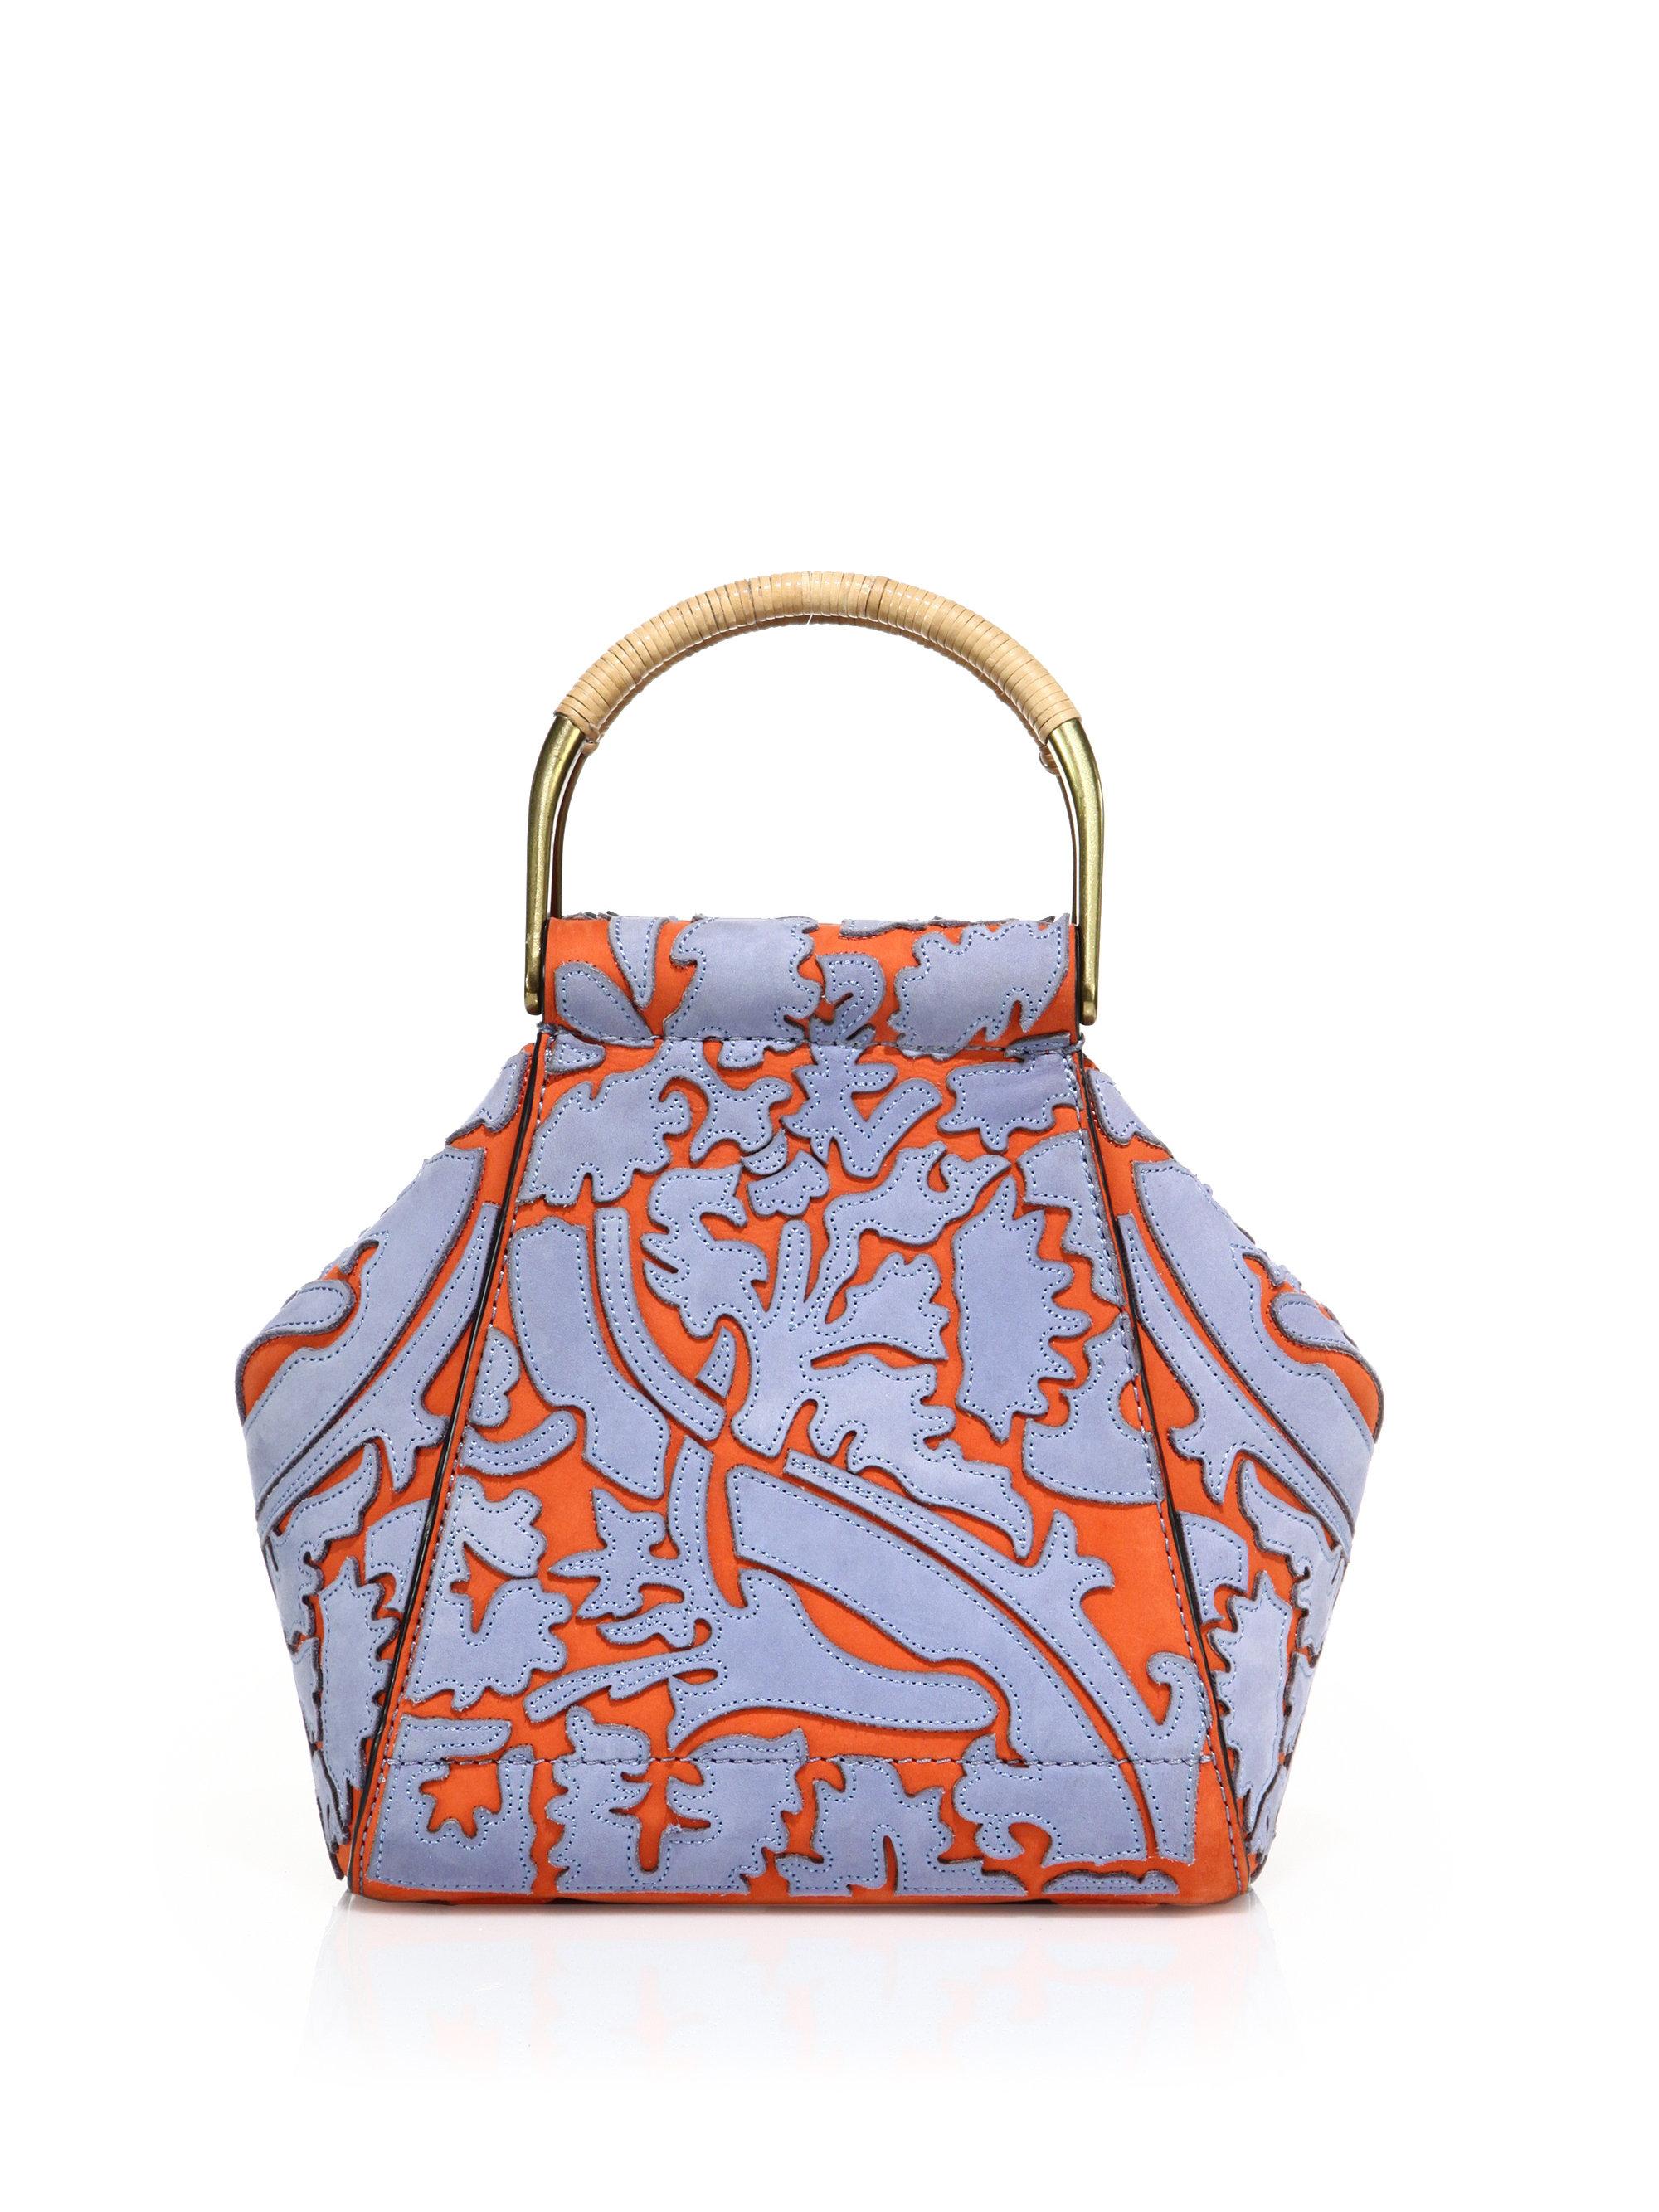 f2a81ff08767 Lyst - Tory Burch Vine Half Moon Leather Bag in Orange